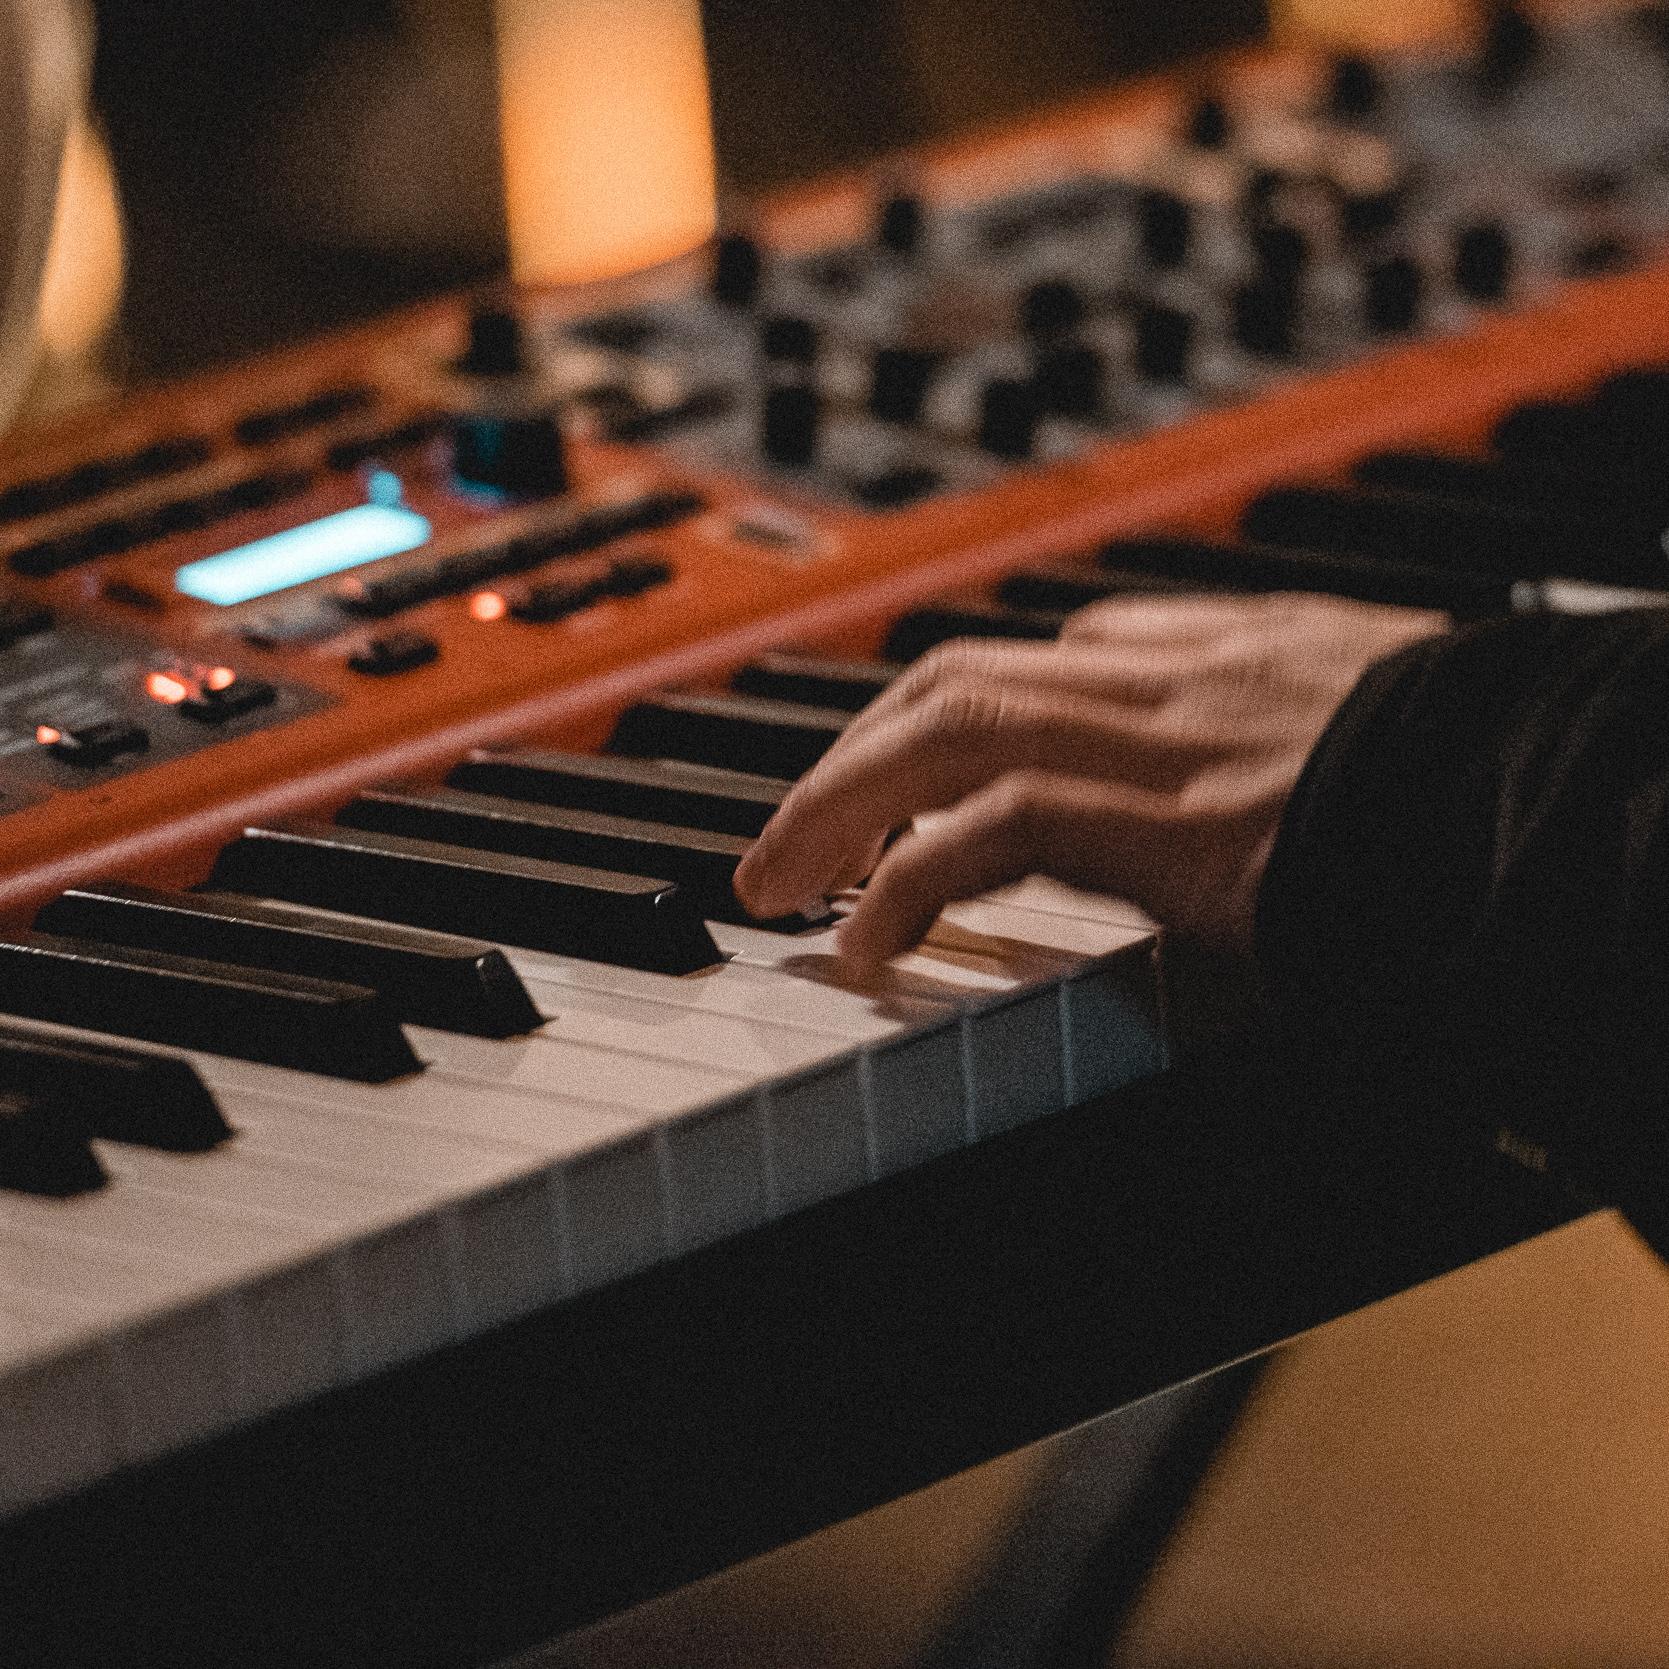 VLOER 1  biedt  repetitieruimtes en een DIY-opnamestudio  aan aan de jonge Leuvense muzikant. Daarnaast bouwen ze een  concertwerking  uit waarbij beginnend muzikaal en organisatorisch talent ervaring kan opdoen. Op die manier stimuleren ze de verdere ontwikkeling van de muziekscène die Leuven te bieden heeft.   contact:    repeteren@vloer1.be    openingsuren: reservatie op aanvraag.